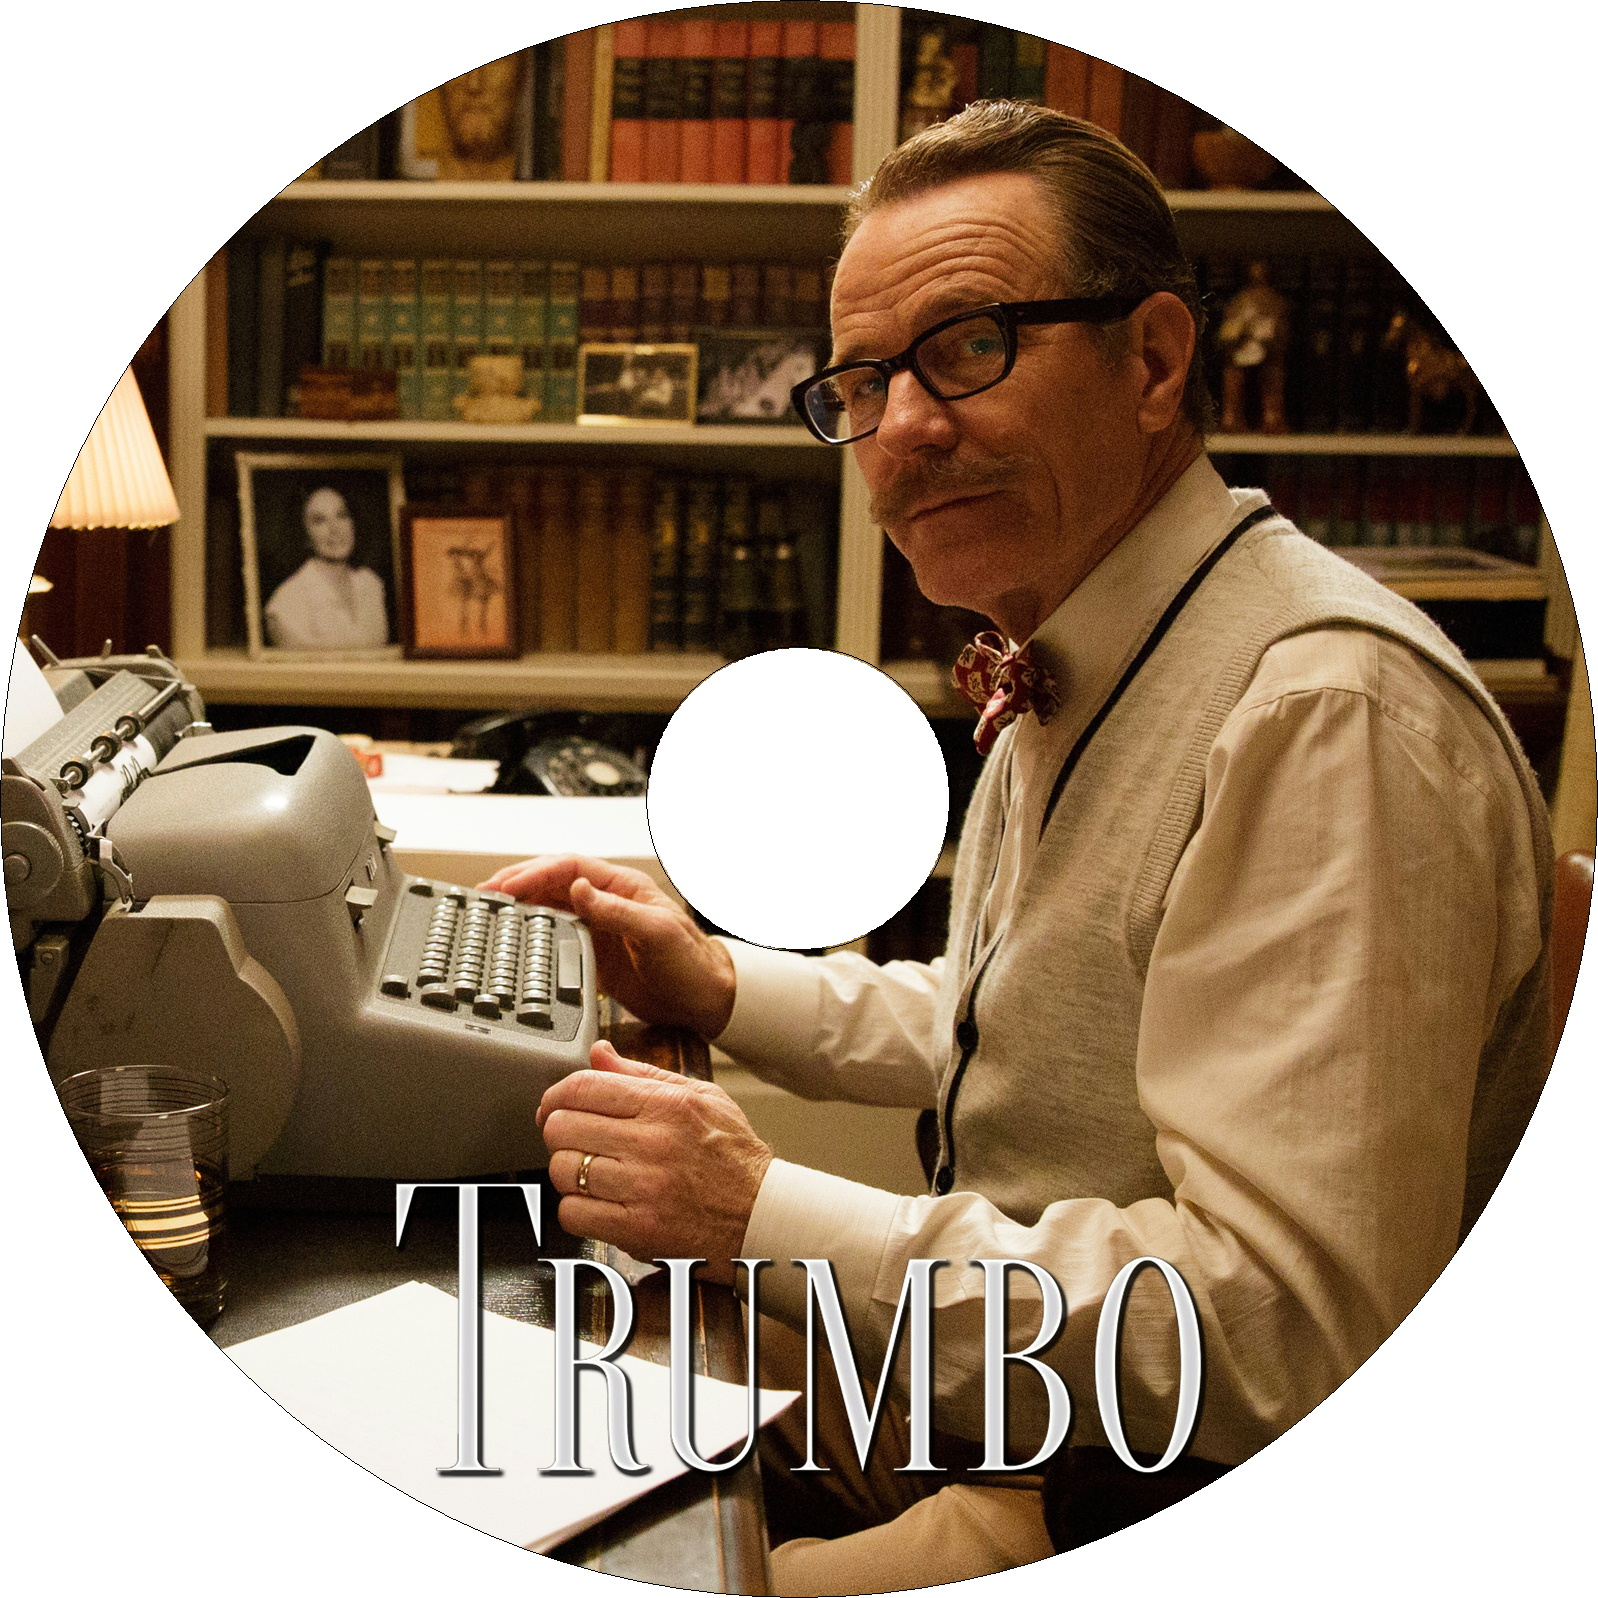 トランボ ハリウッドに最も嫌われた男 ラベル